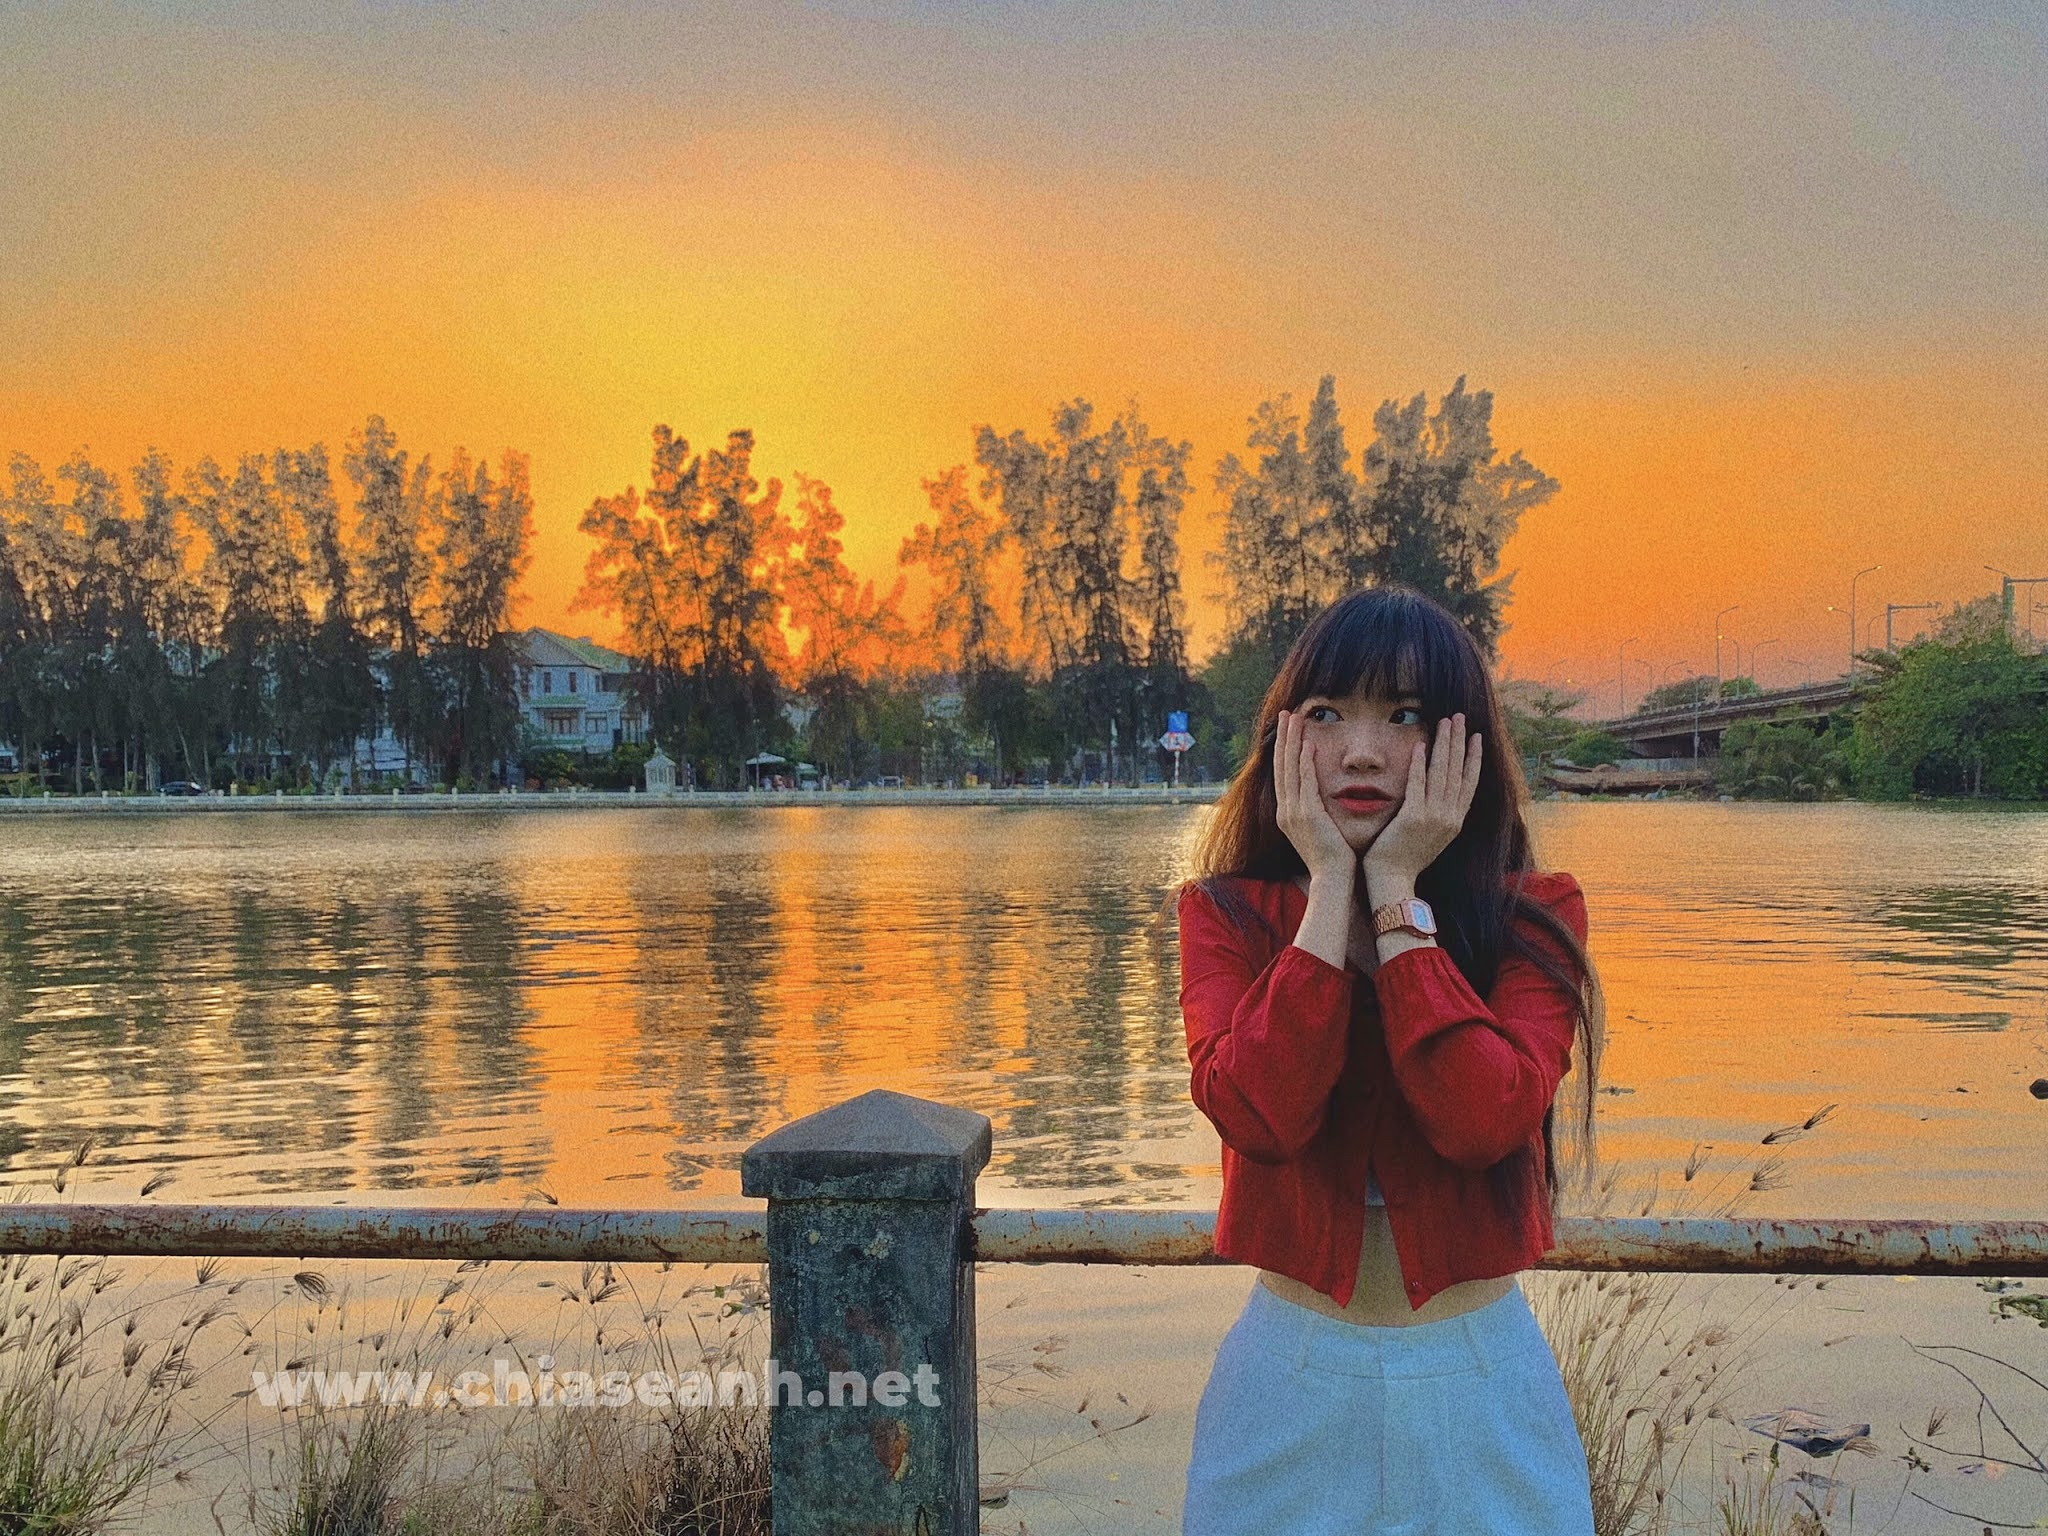 Nguyễn Thùy Dương - Cử nhân luật với 'vòng eo con kiến' khiến bao chàng xuýt xoa